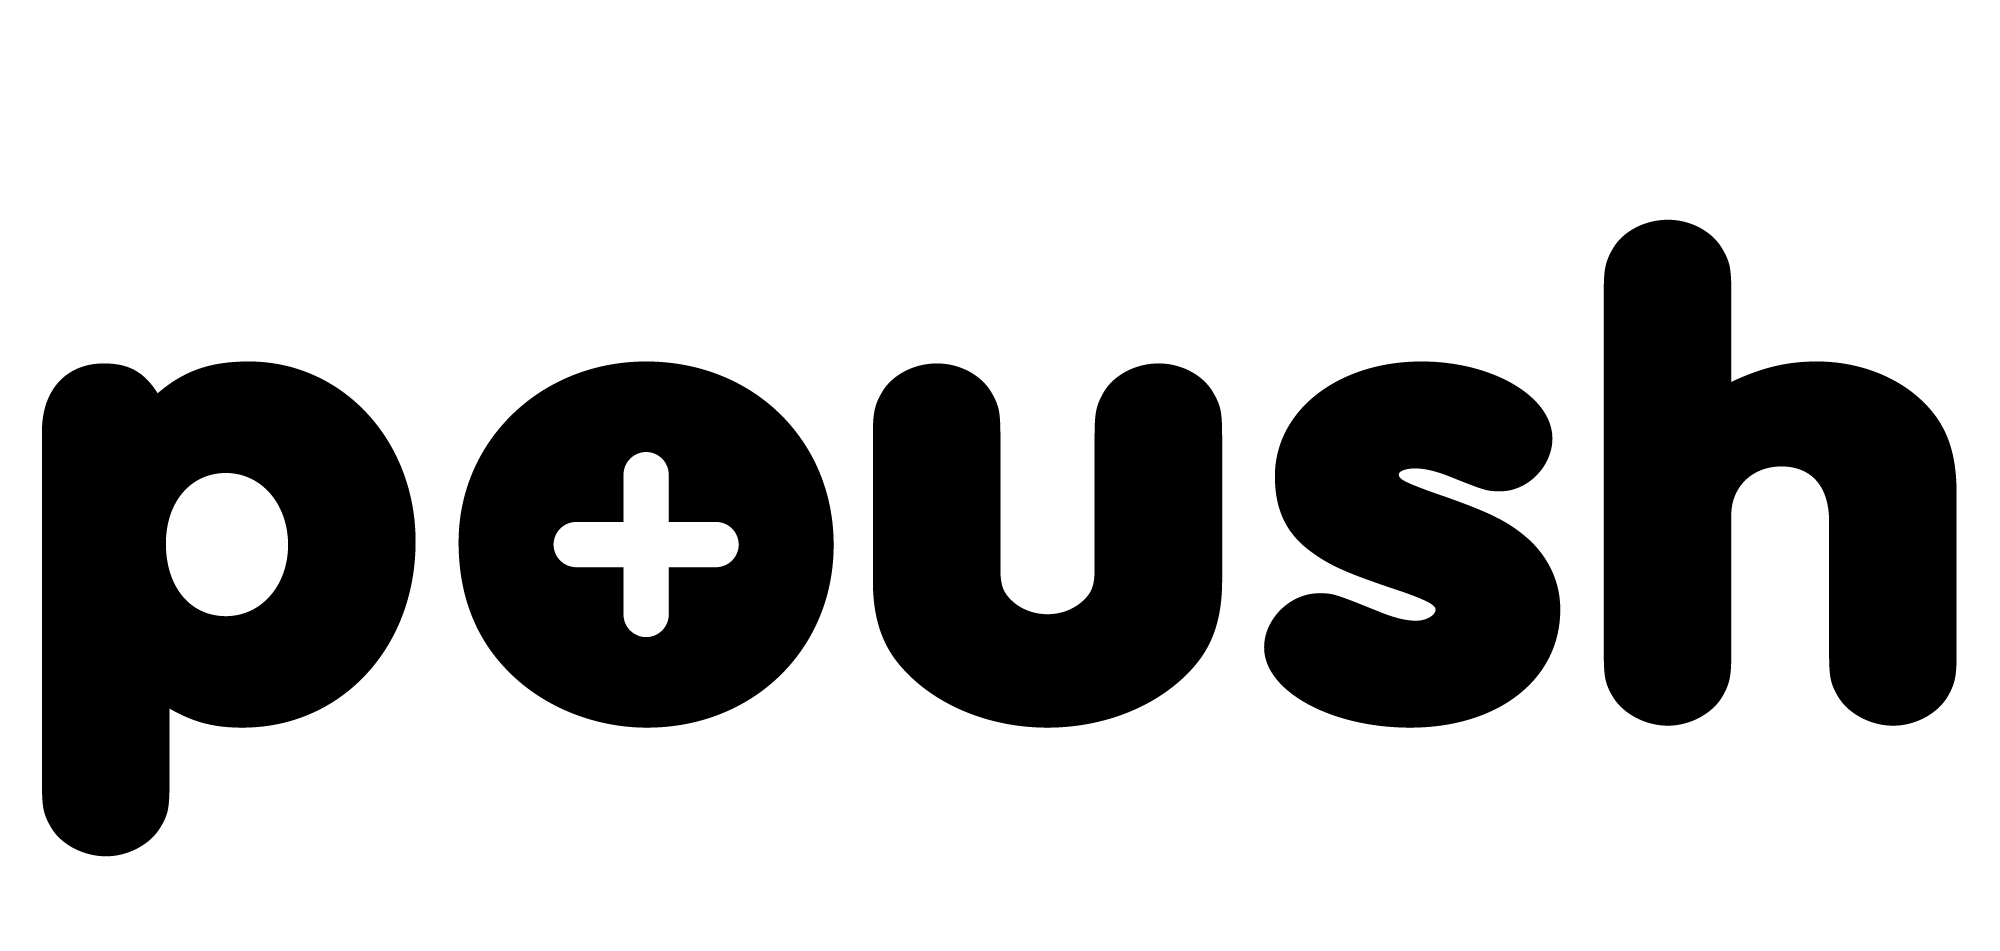 Logo Poush